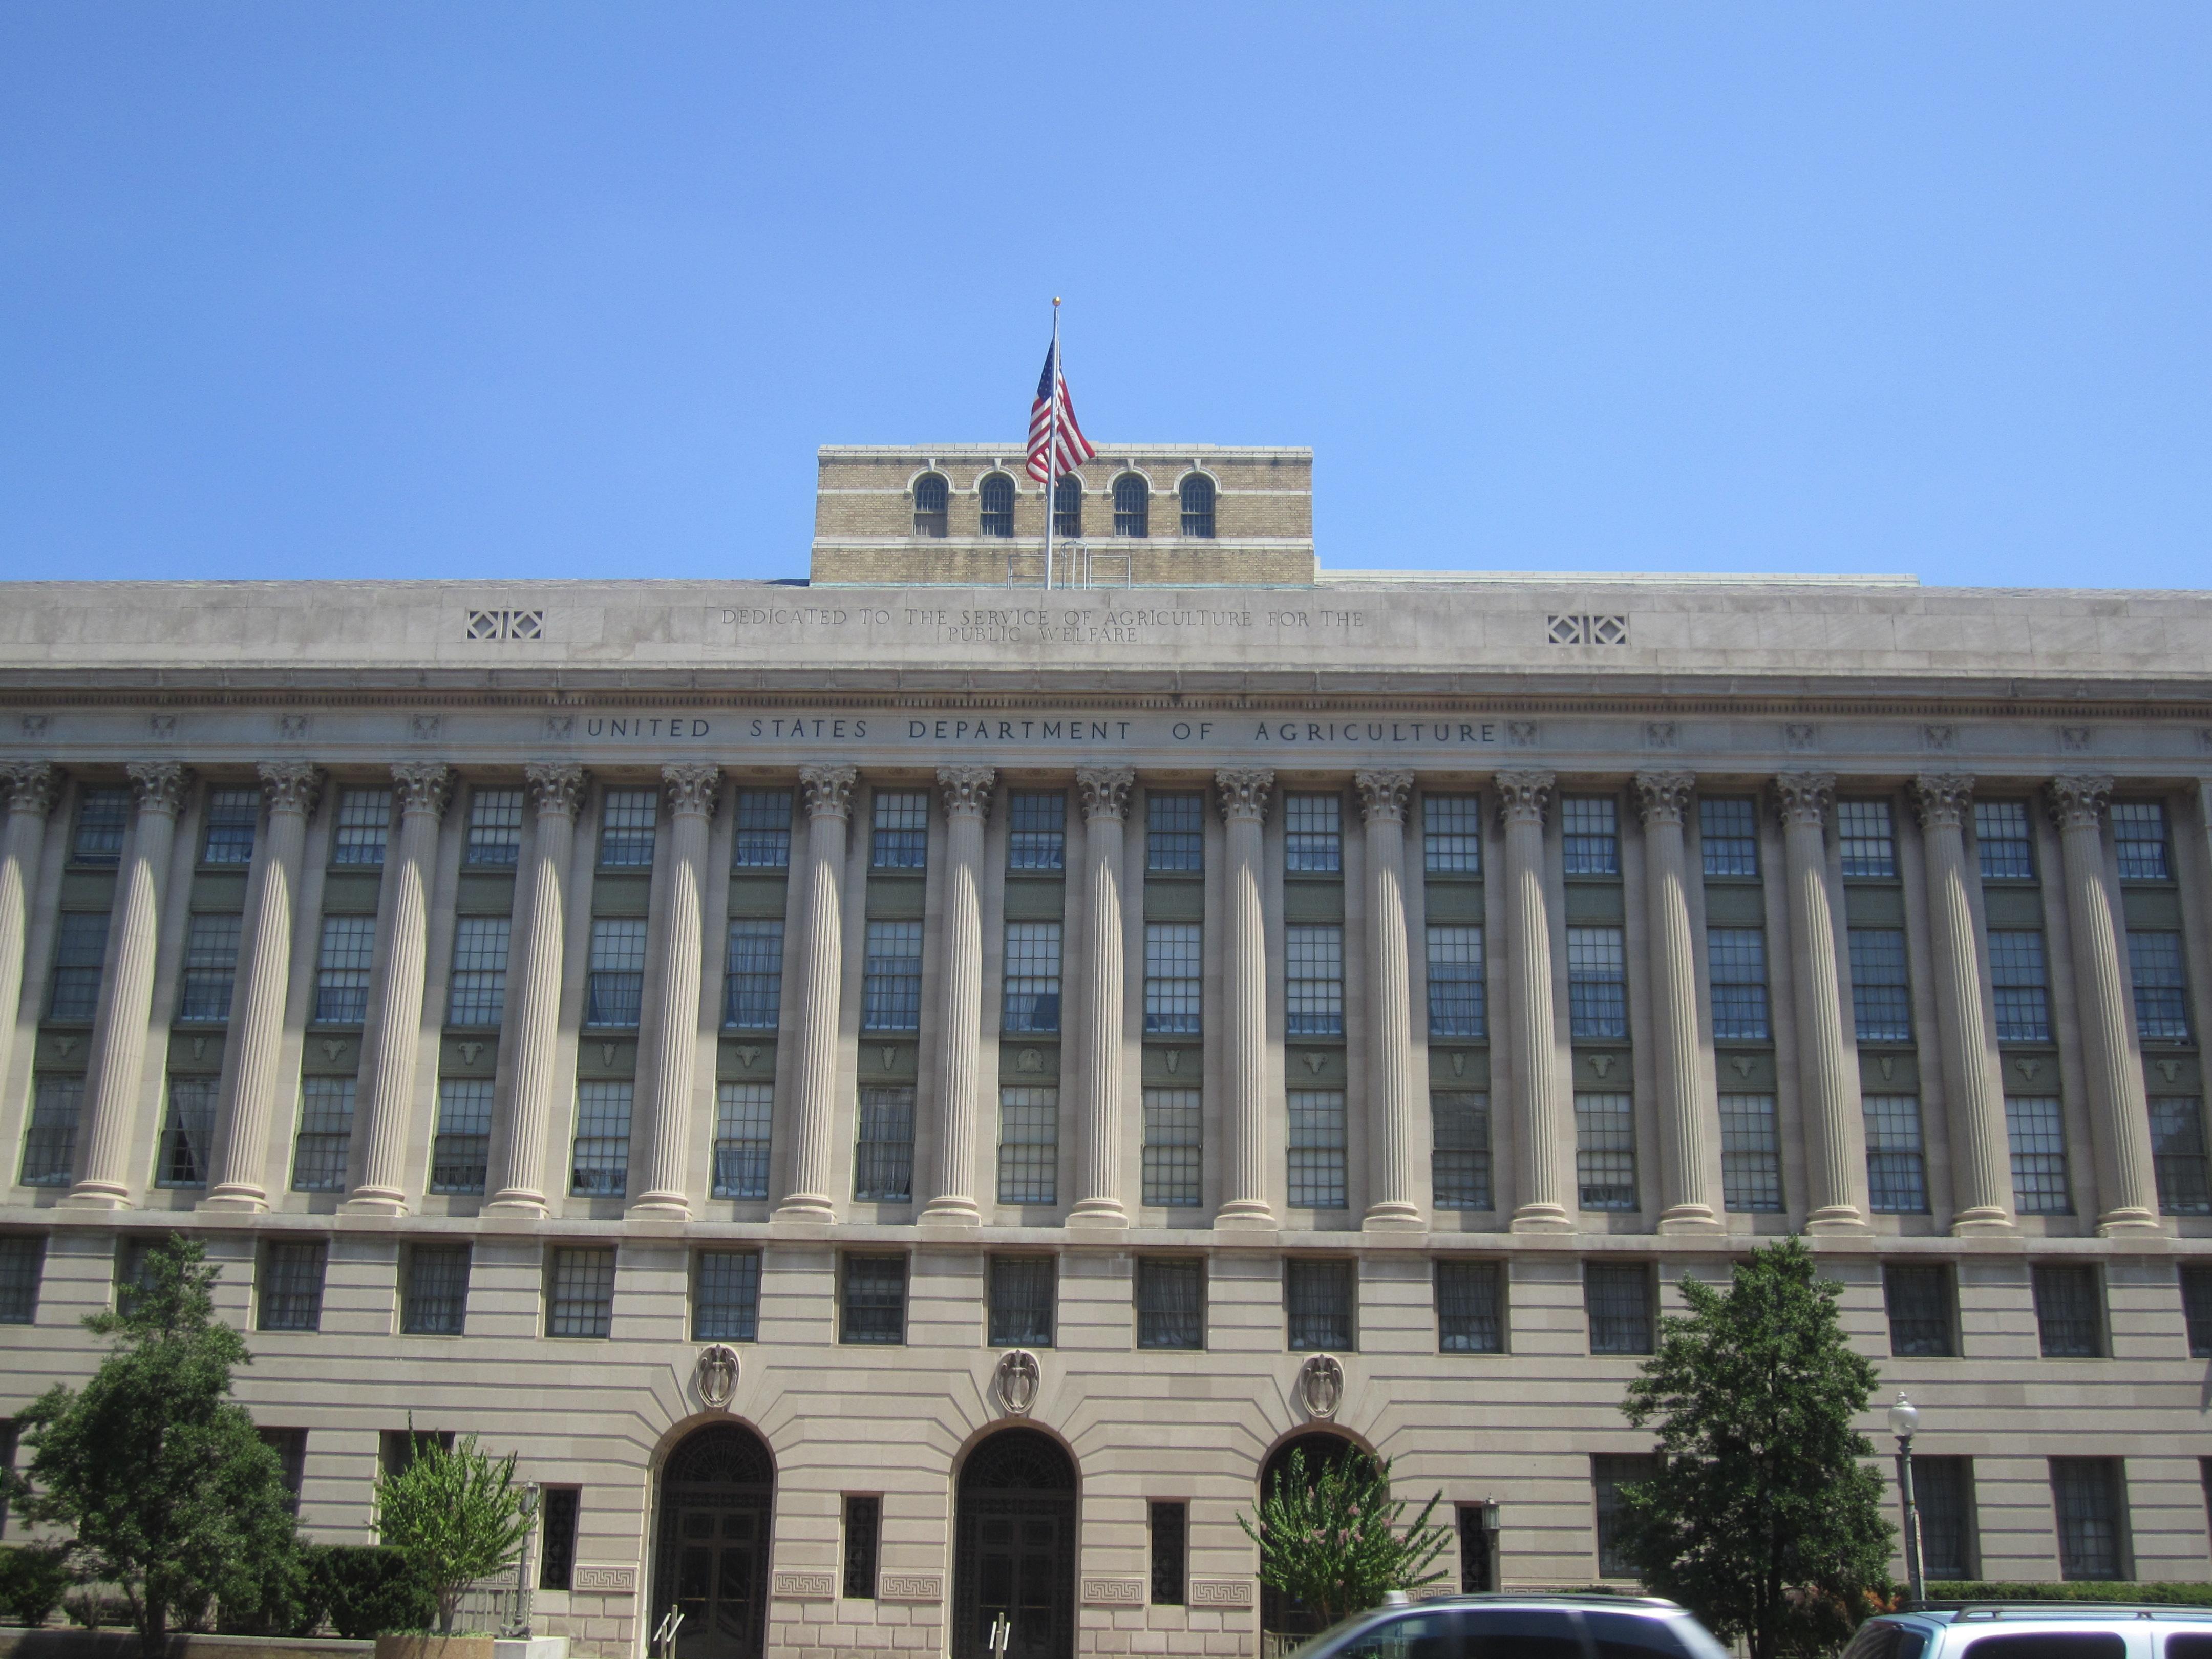 Здание Министерства сельского хозяйства США. Здесь знают, какие генетические модификации надо контролировать, акакие нет.